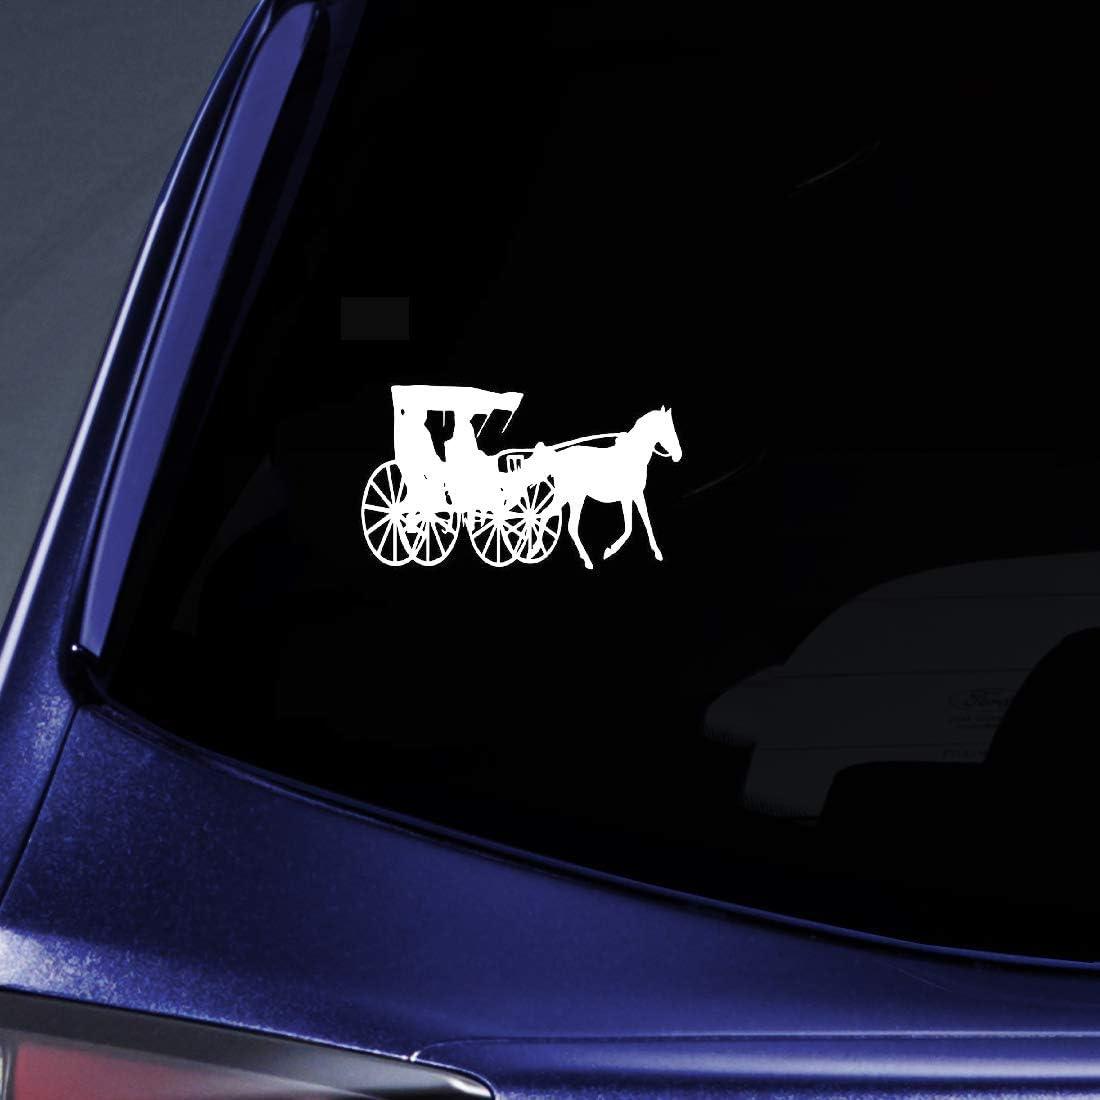 15.8Cmx9Cm Siluetas de carruajes antiguos Caballo Calcomanía fresca Decoración encantadora Etiqueta engomada del coche Delicado para el coche Etiqueta de la ventana del ordenador portátil